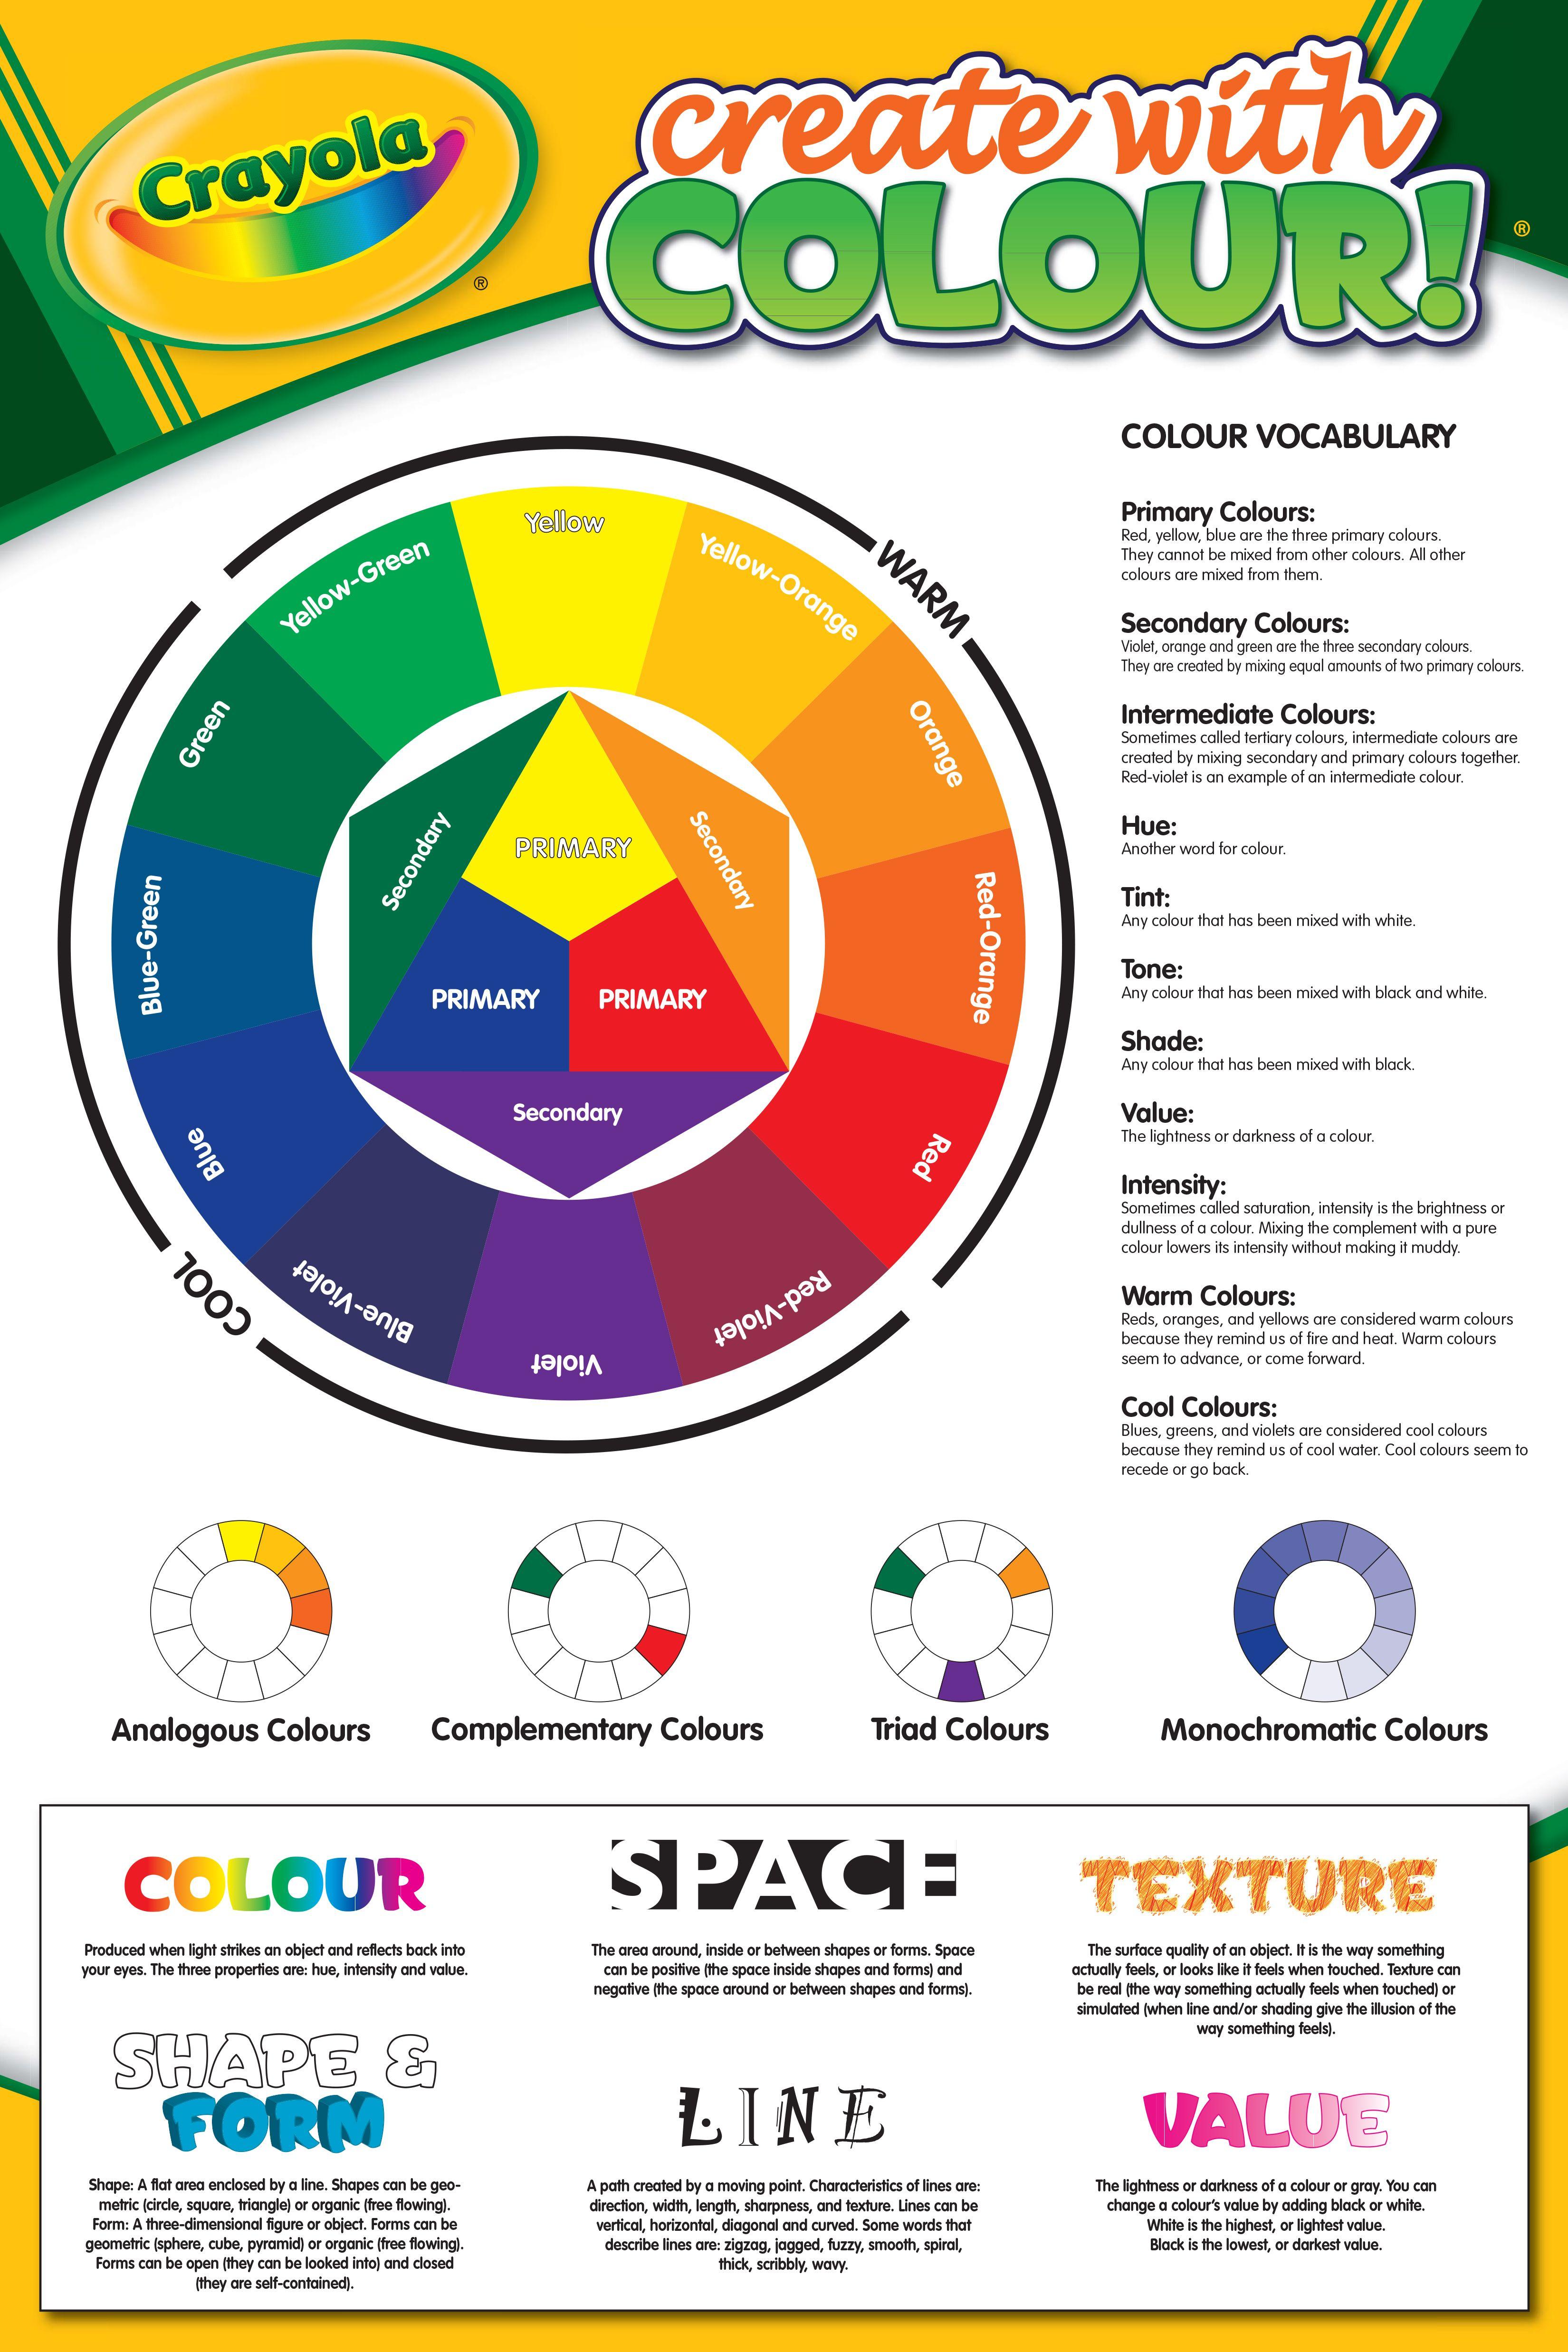 Crayola S Create With Colour Color Wheel Basics